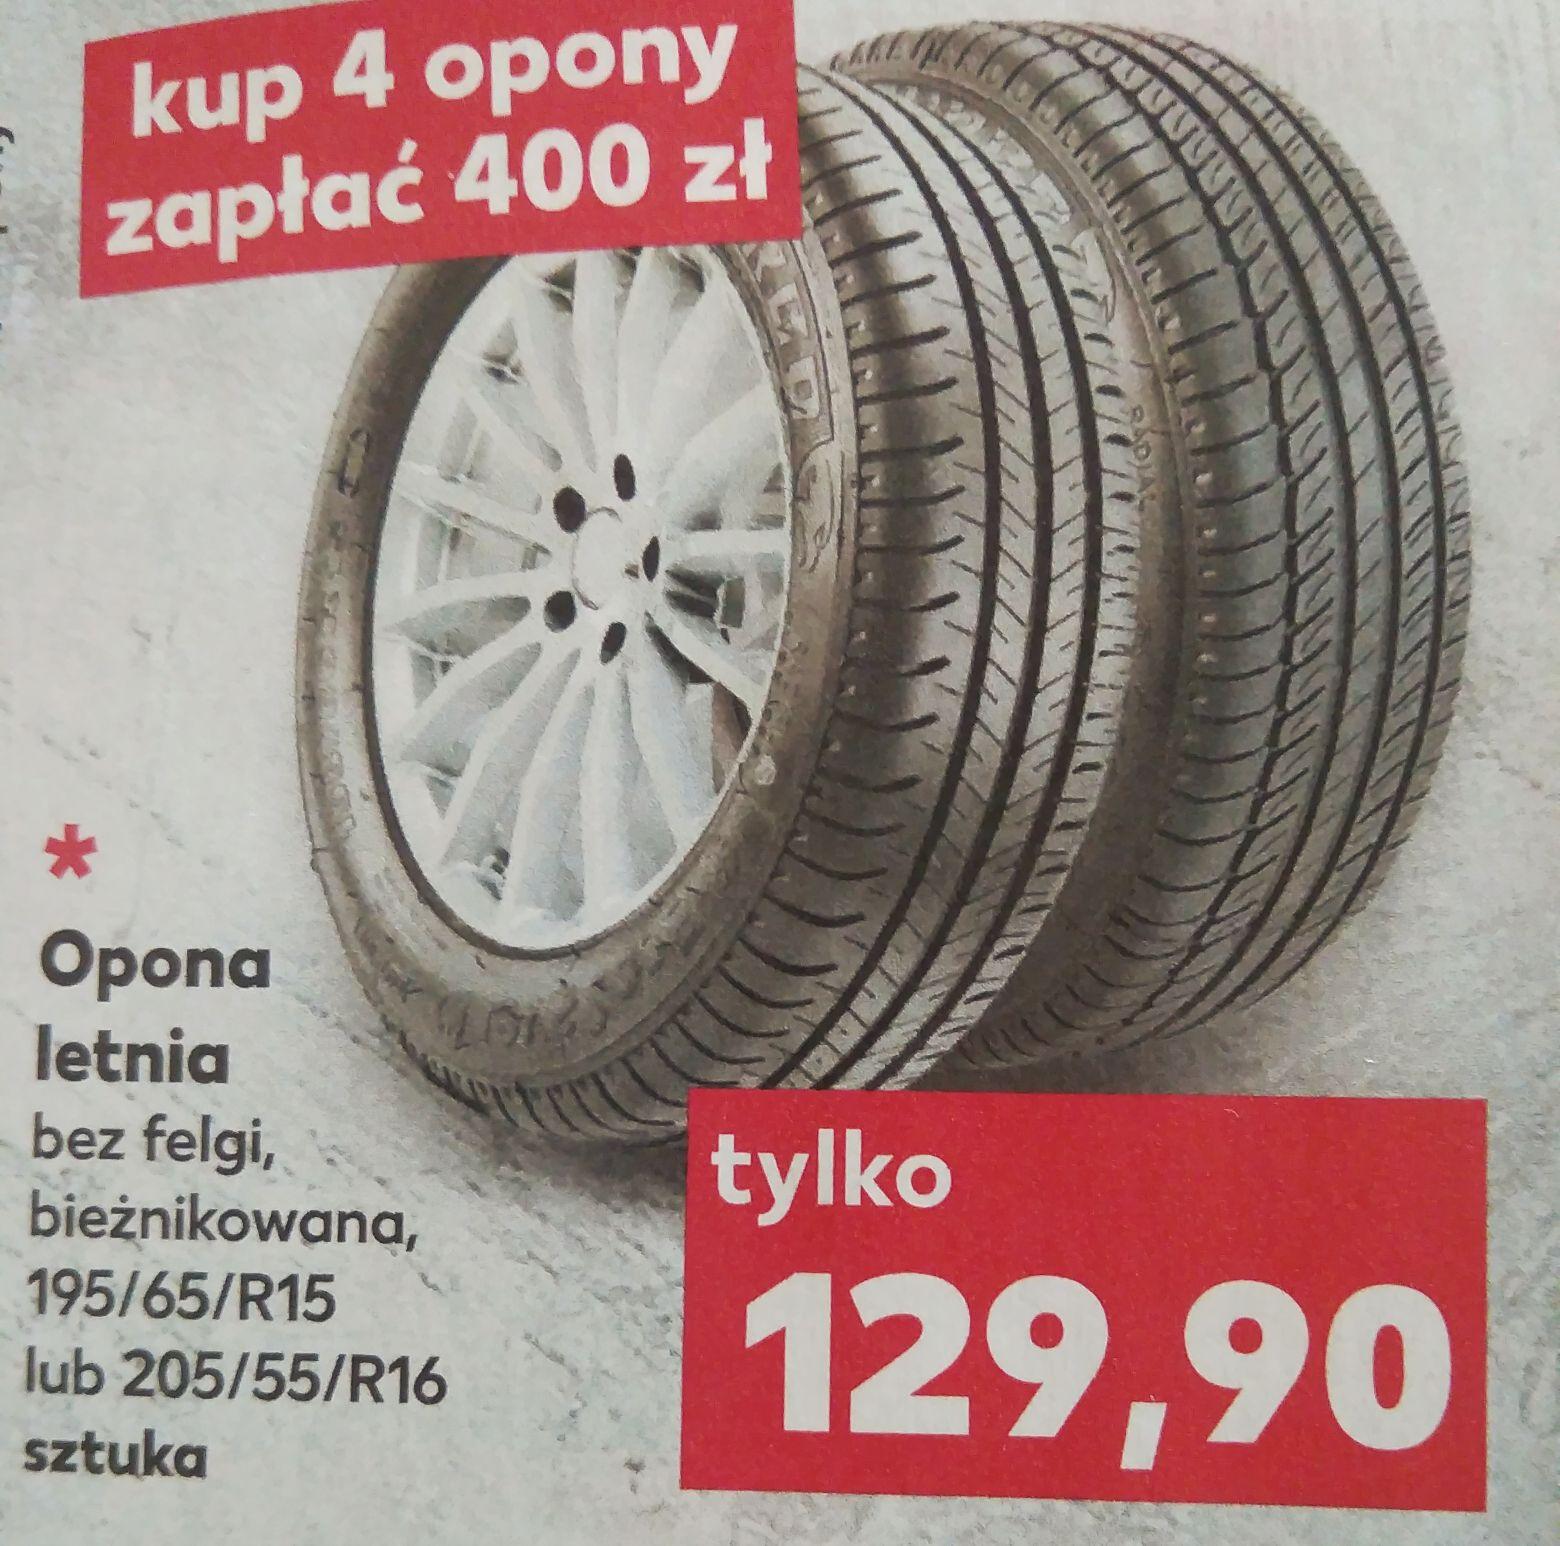 4x Opony letnie 195/65/R15 lub 205/65/R16 Kaufland